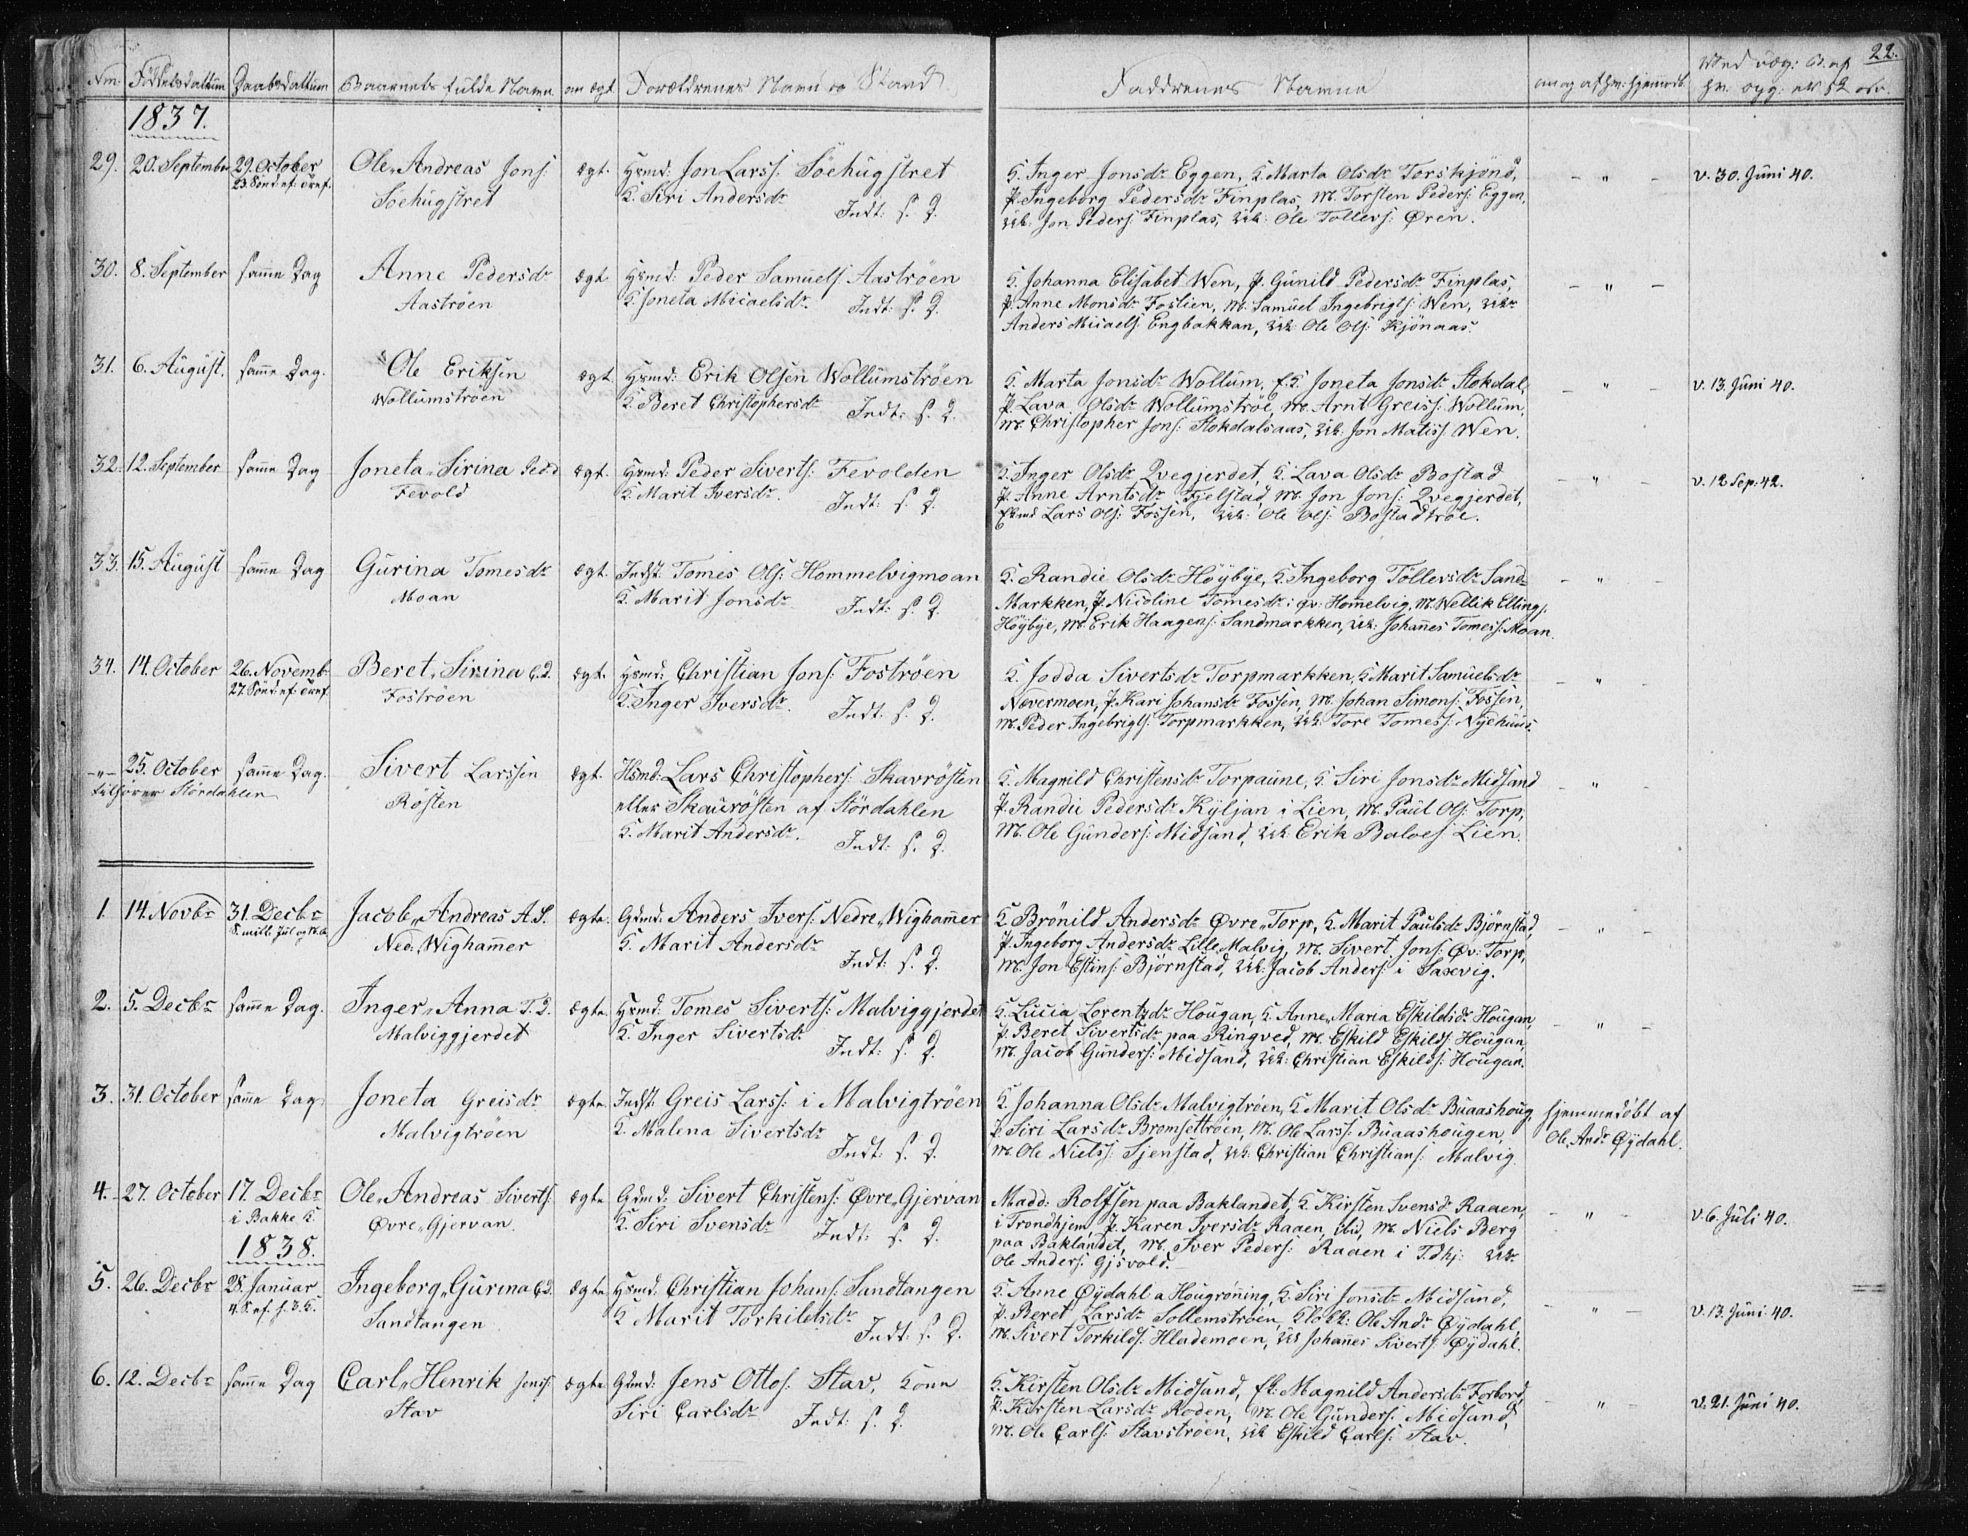 SAT, Ministerialprotokoller, klokkerbøker og fødselsregistre - Sør-Trøndelag, 616/L0405: Ministerialbok nr. 616A02, 1831-1842, s. 22